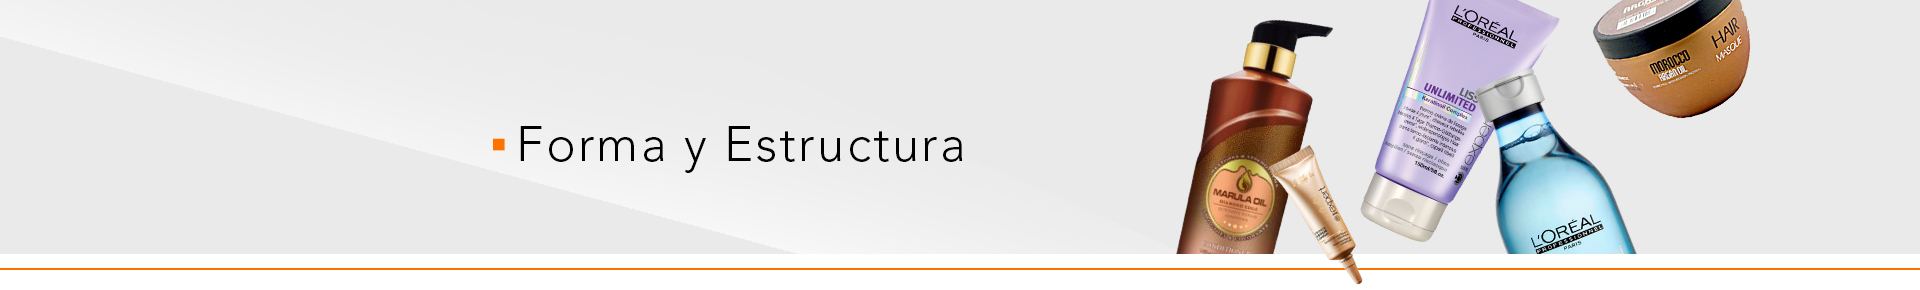 compra Forma y Estructura online